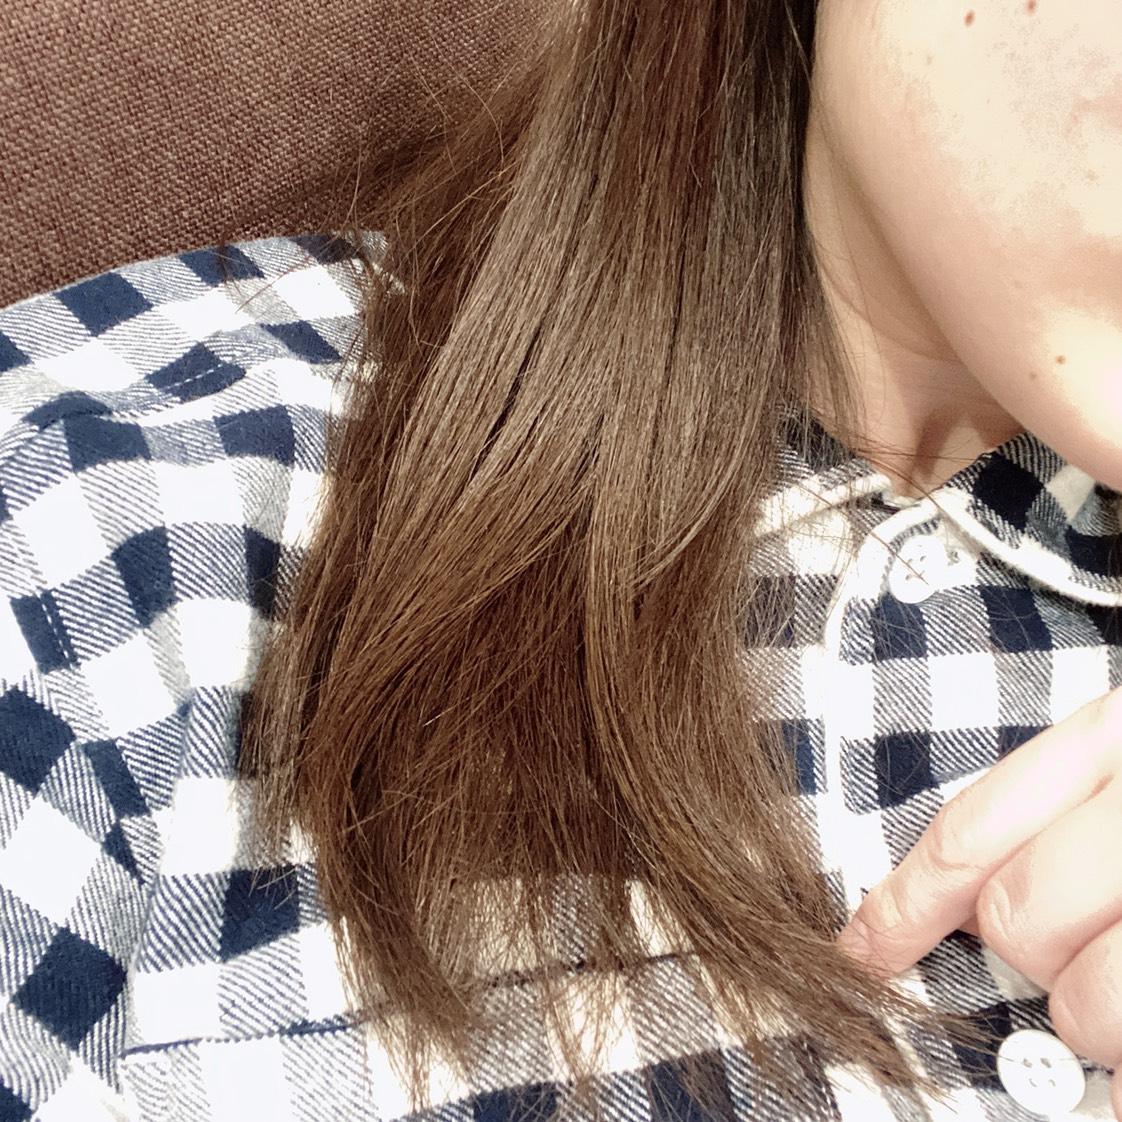 エクストラオーディナリーオイル エクラアンペリアル 艶髪オイルのAfter画像